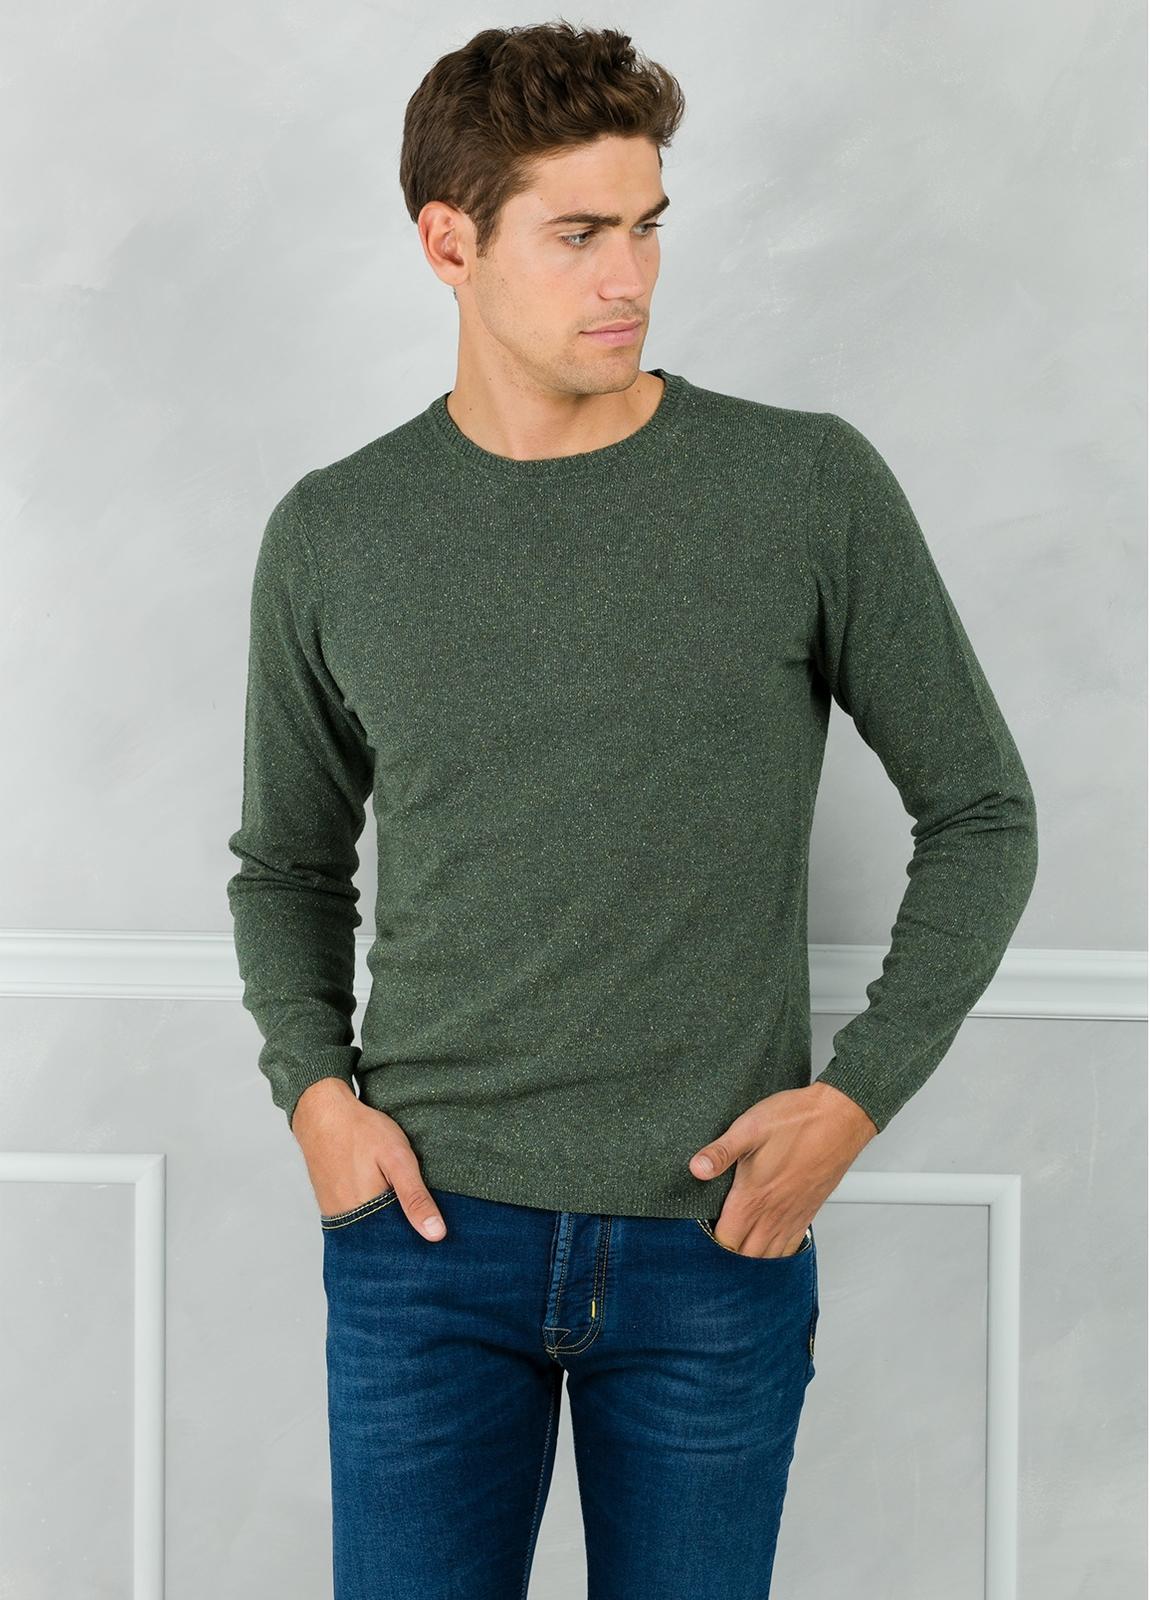 Jersey cuello redondo jaspeado color verde. 50% Lana 25% Seda 25% Nylon